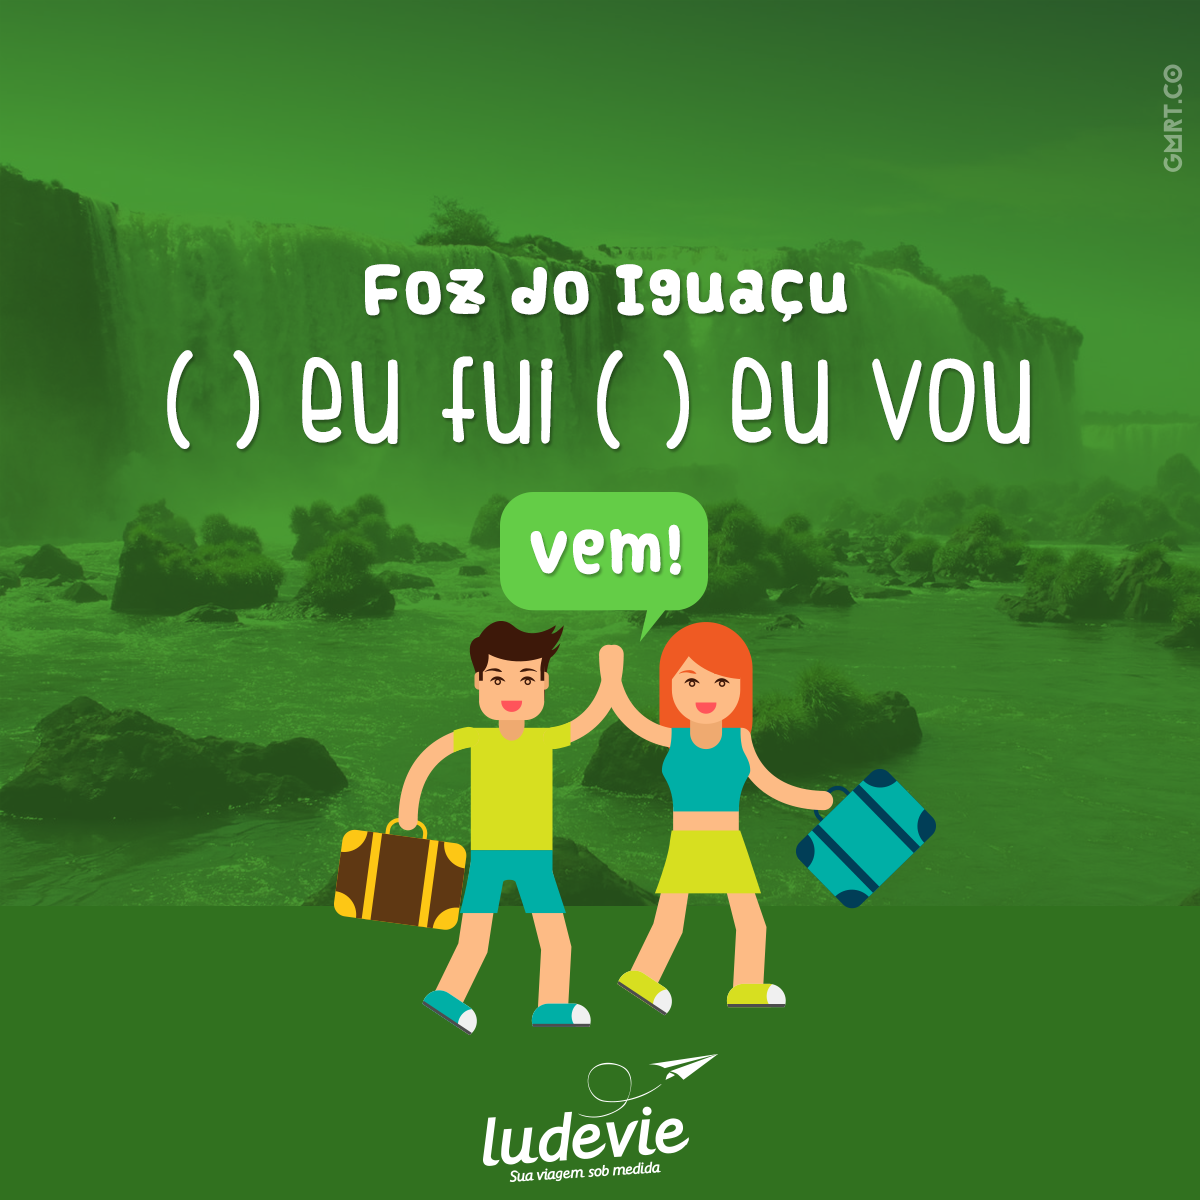 Foz do Iguaçu  Viagem | Viajar | Travel | Frases de Viagem http://blog.ludevie.com.br